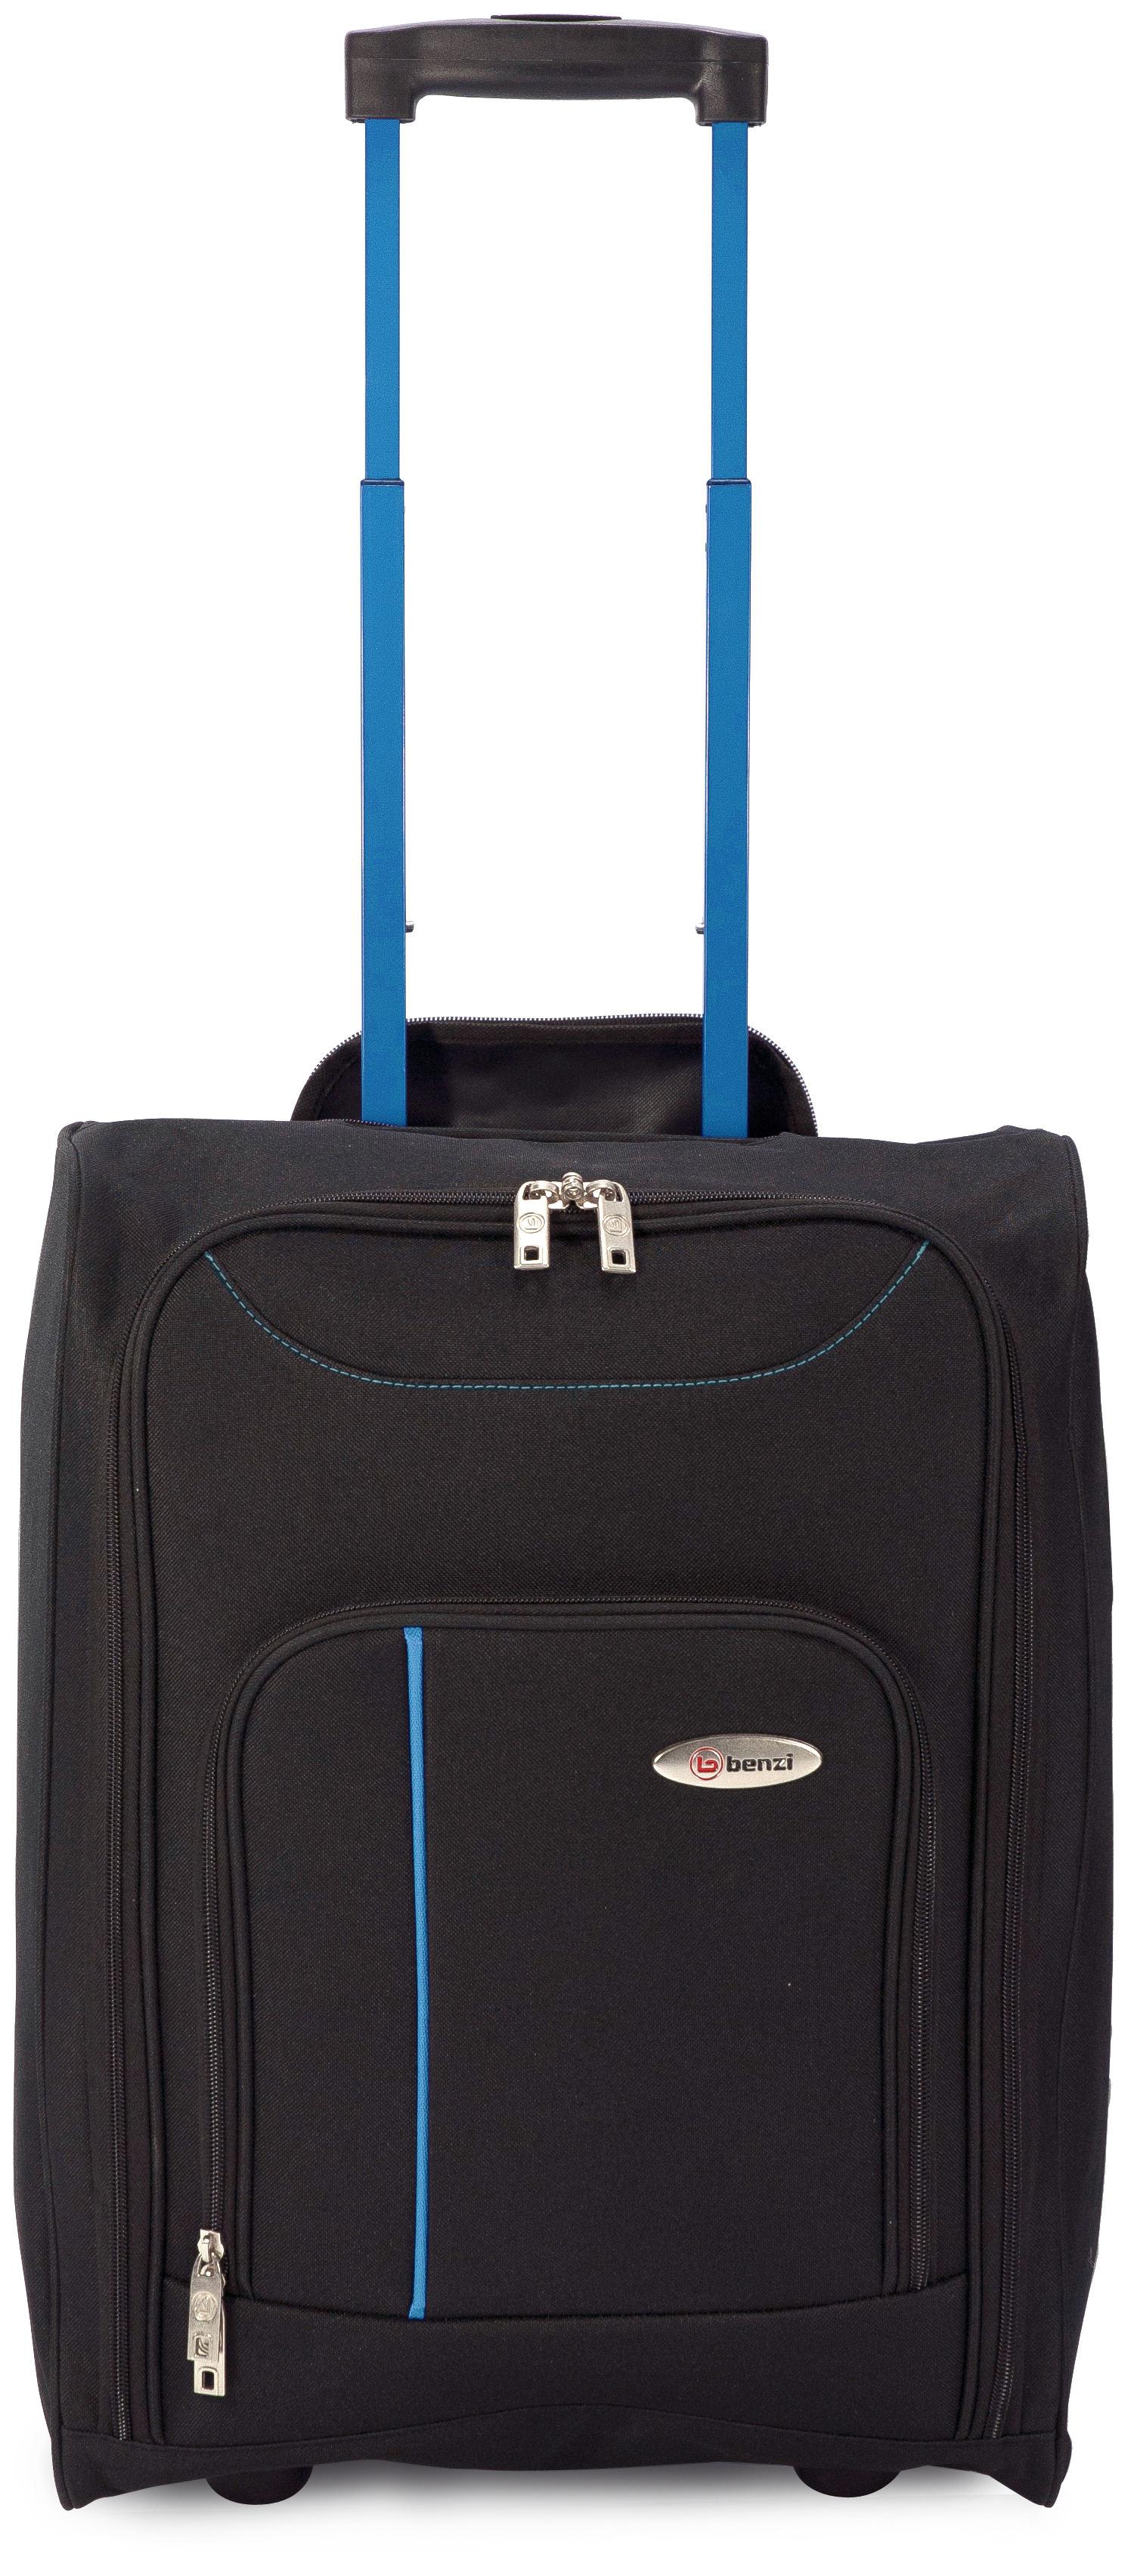 Βαλίτσα καμπίνας 4891 BLACK/BLUE, BENZI εποχιακα ειδη   είδη ταξιδιού   βαλίτσες